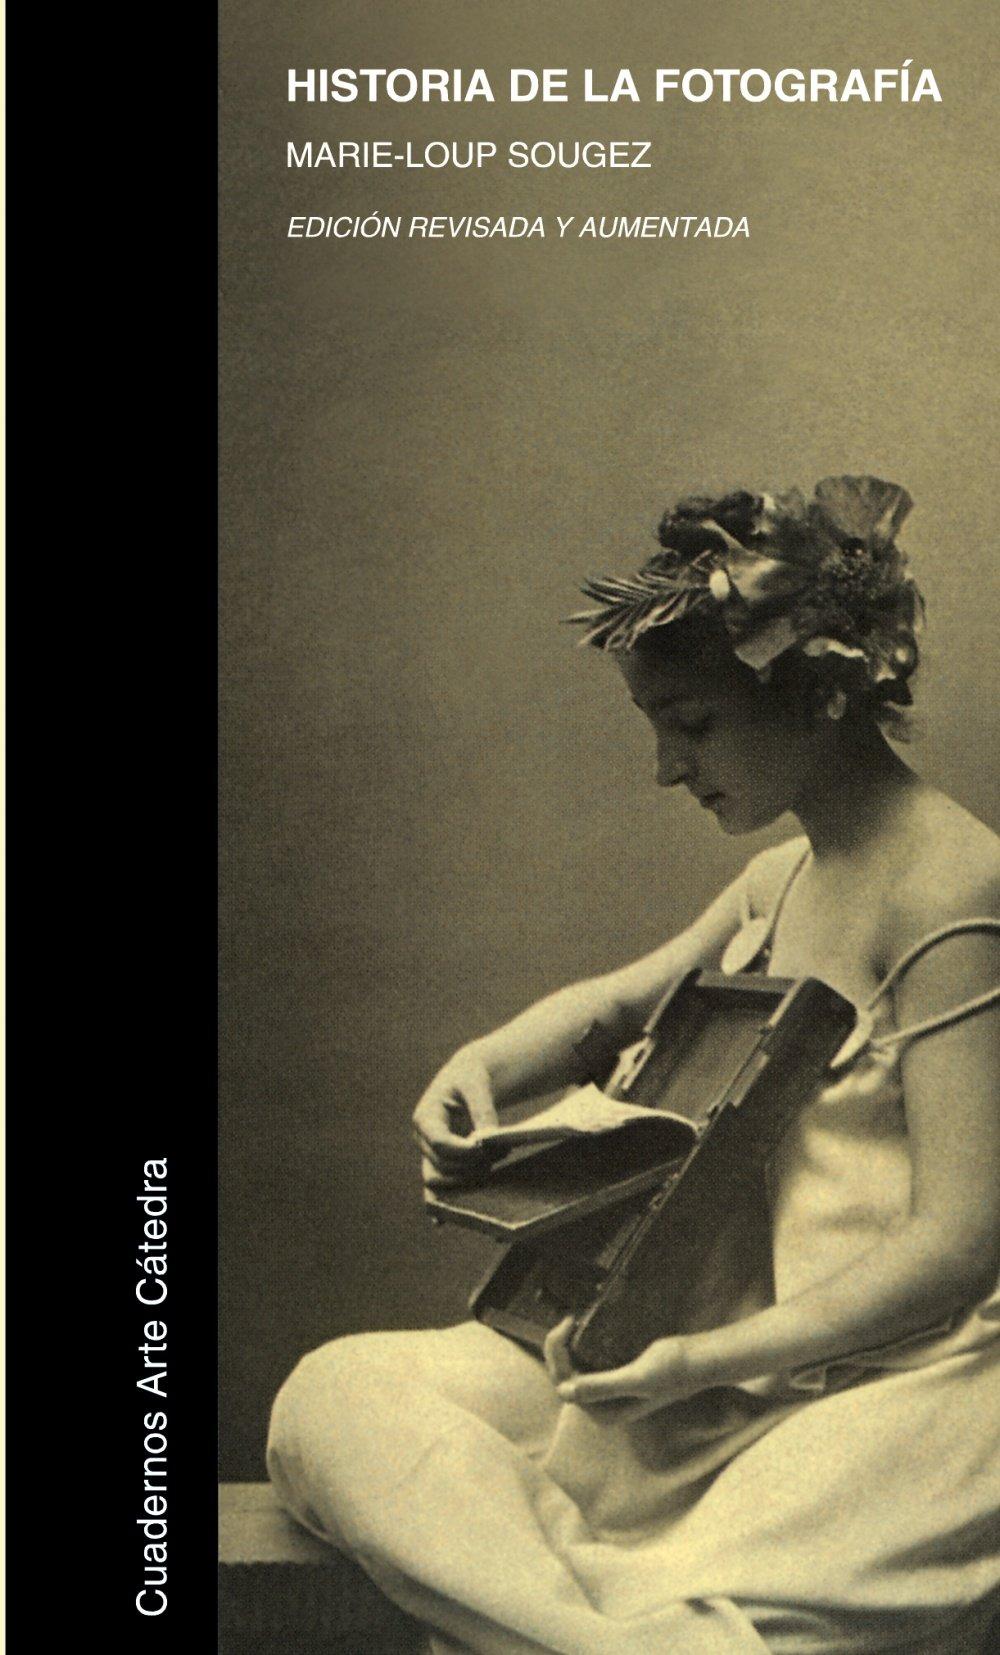 Historia de la fotografía (Cuadernos Arte Cátedra): Amazon.es ...